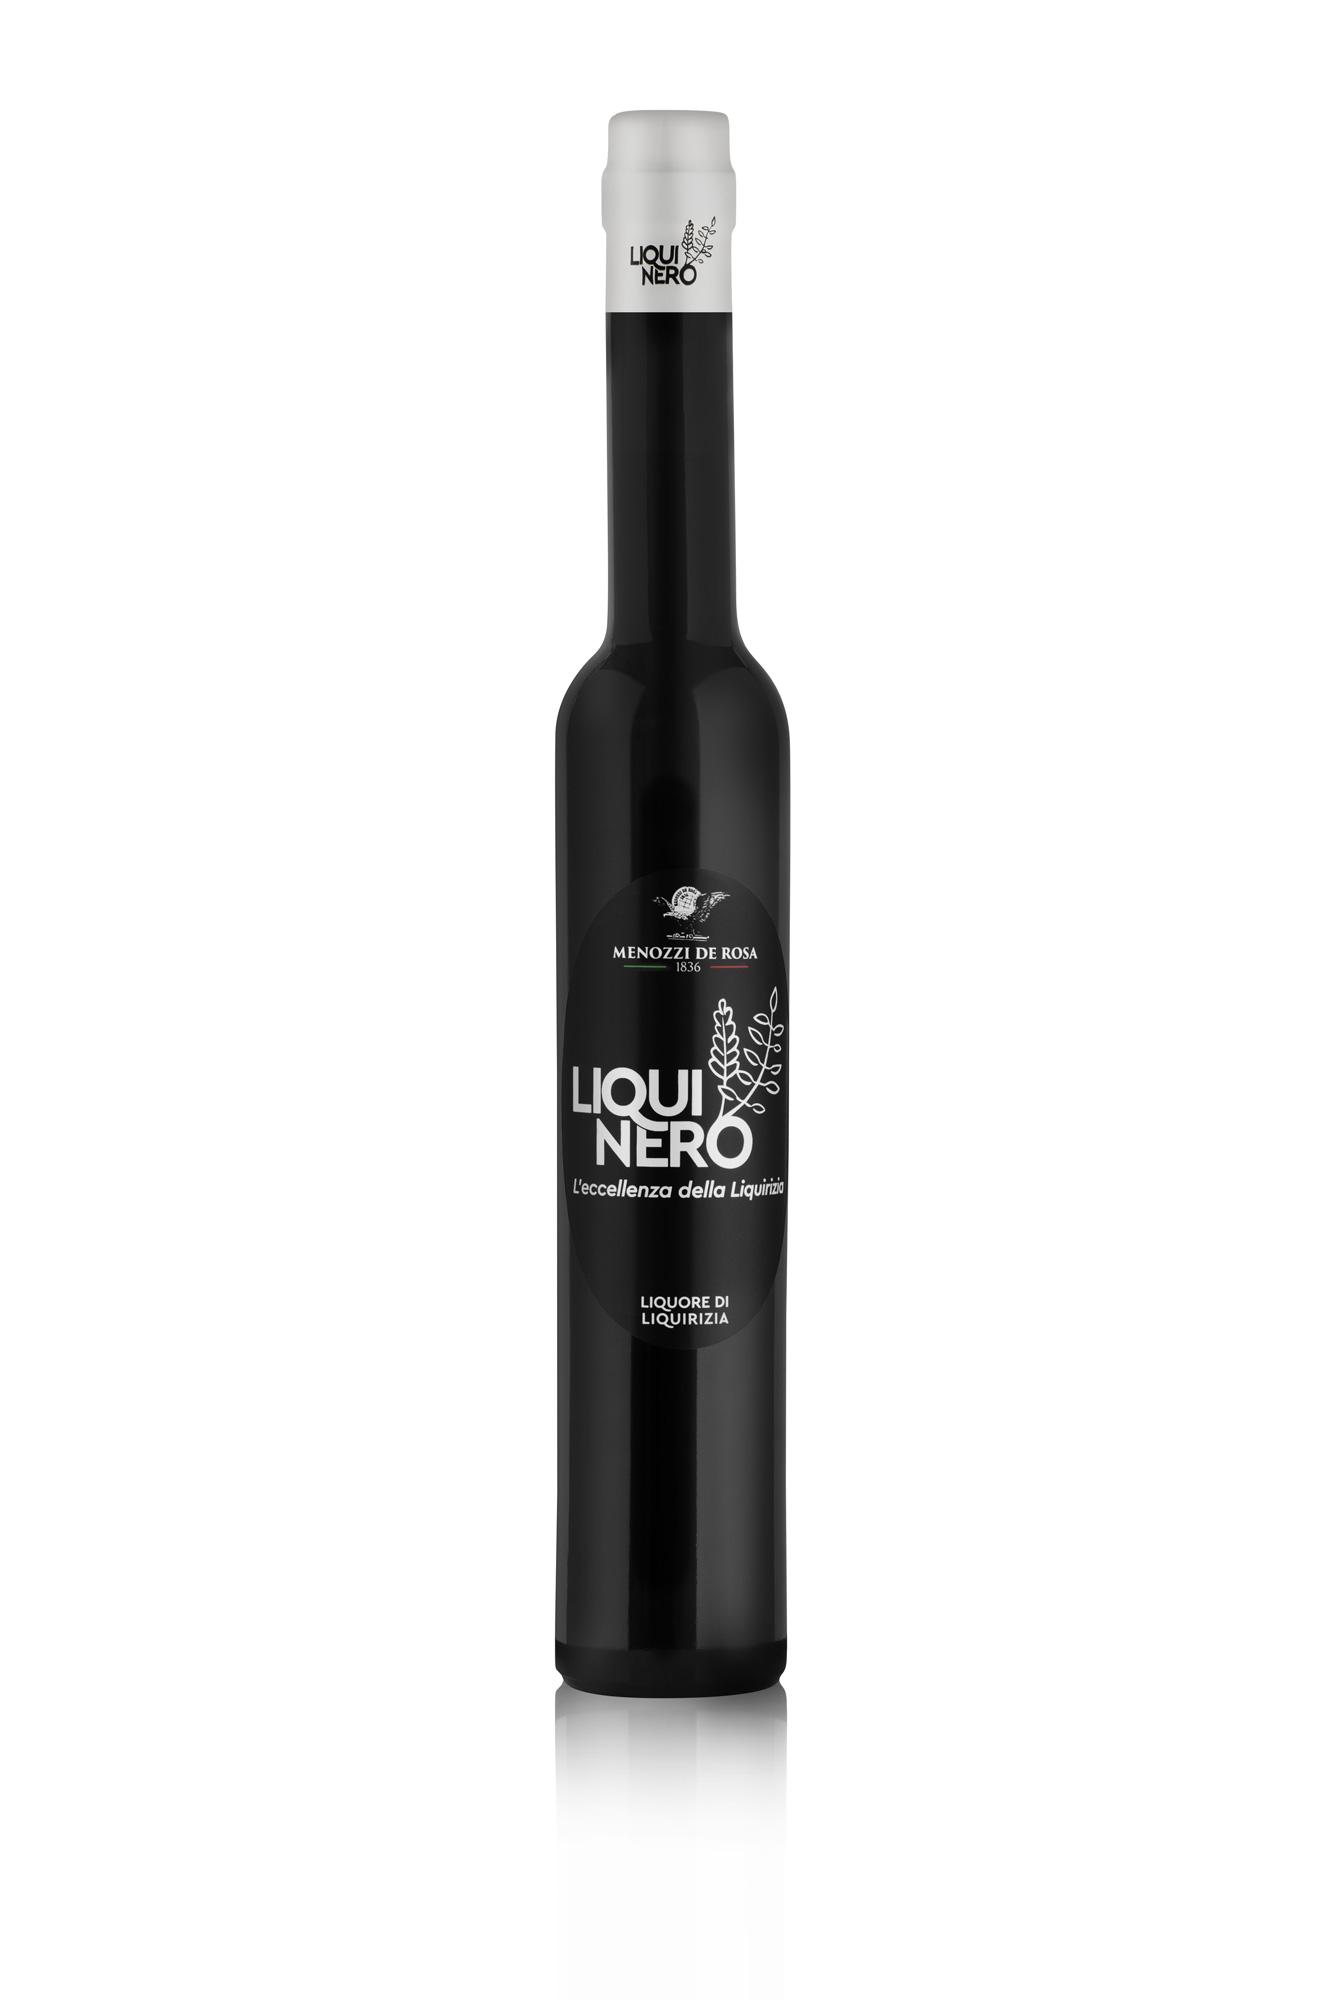 Liquinero_02